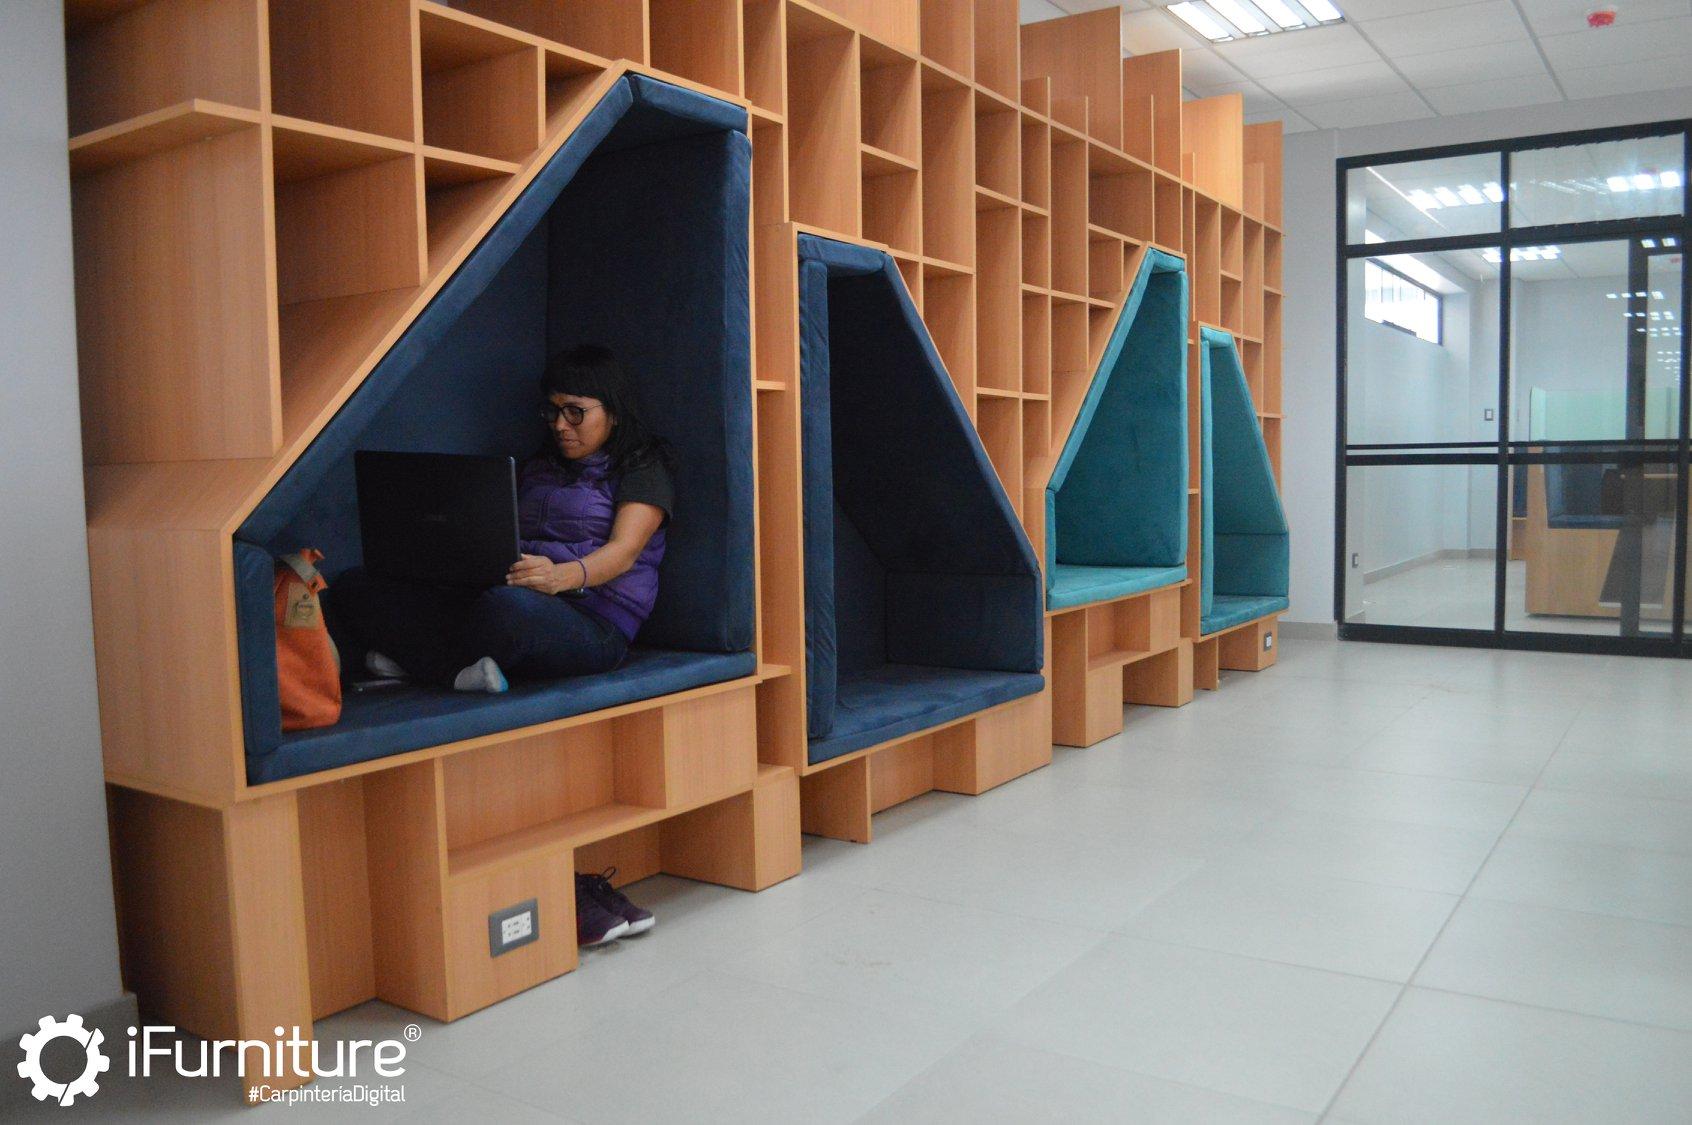 Carpintería digital: Muebles a tu medida